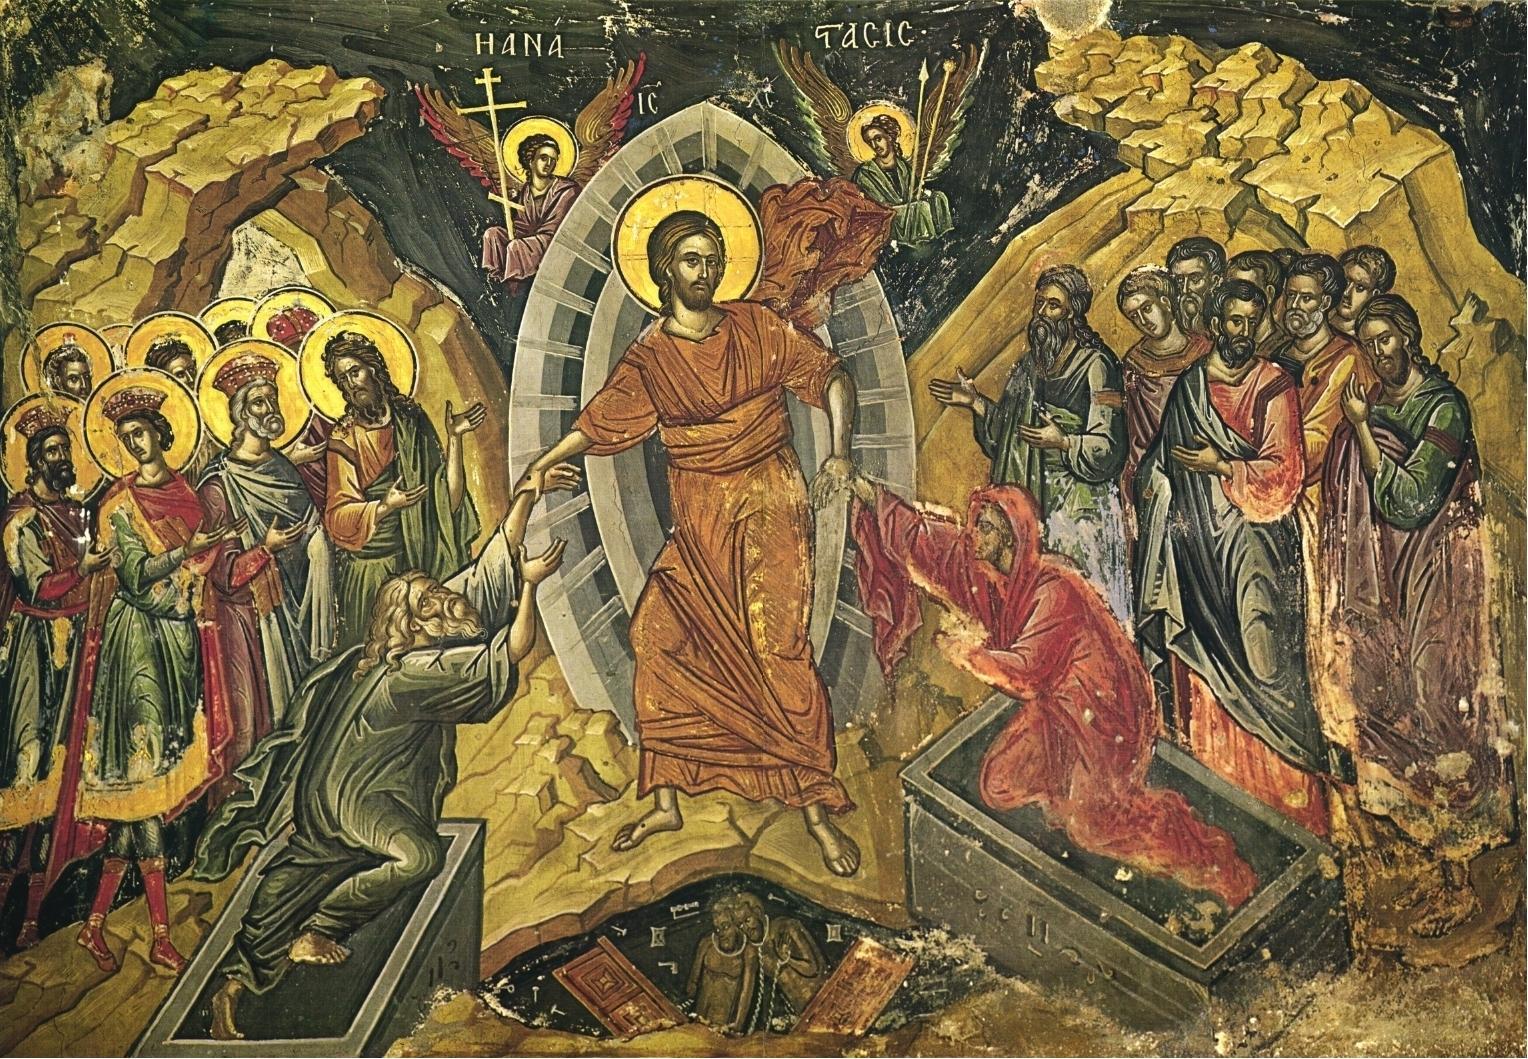 Risultati immagini per icona di oggi è cominciata la nostra salvezza